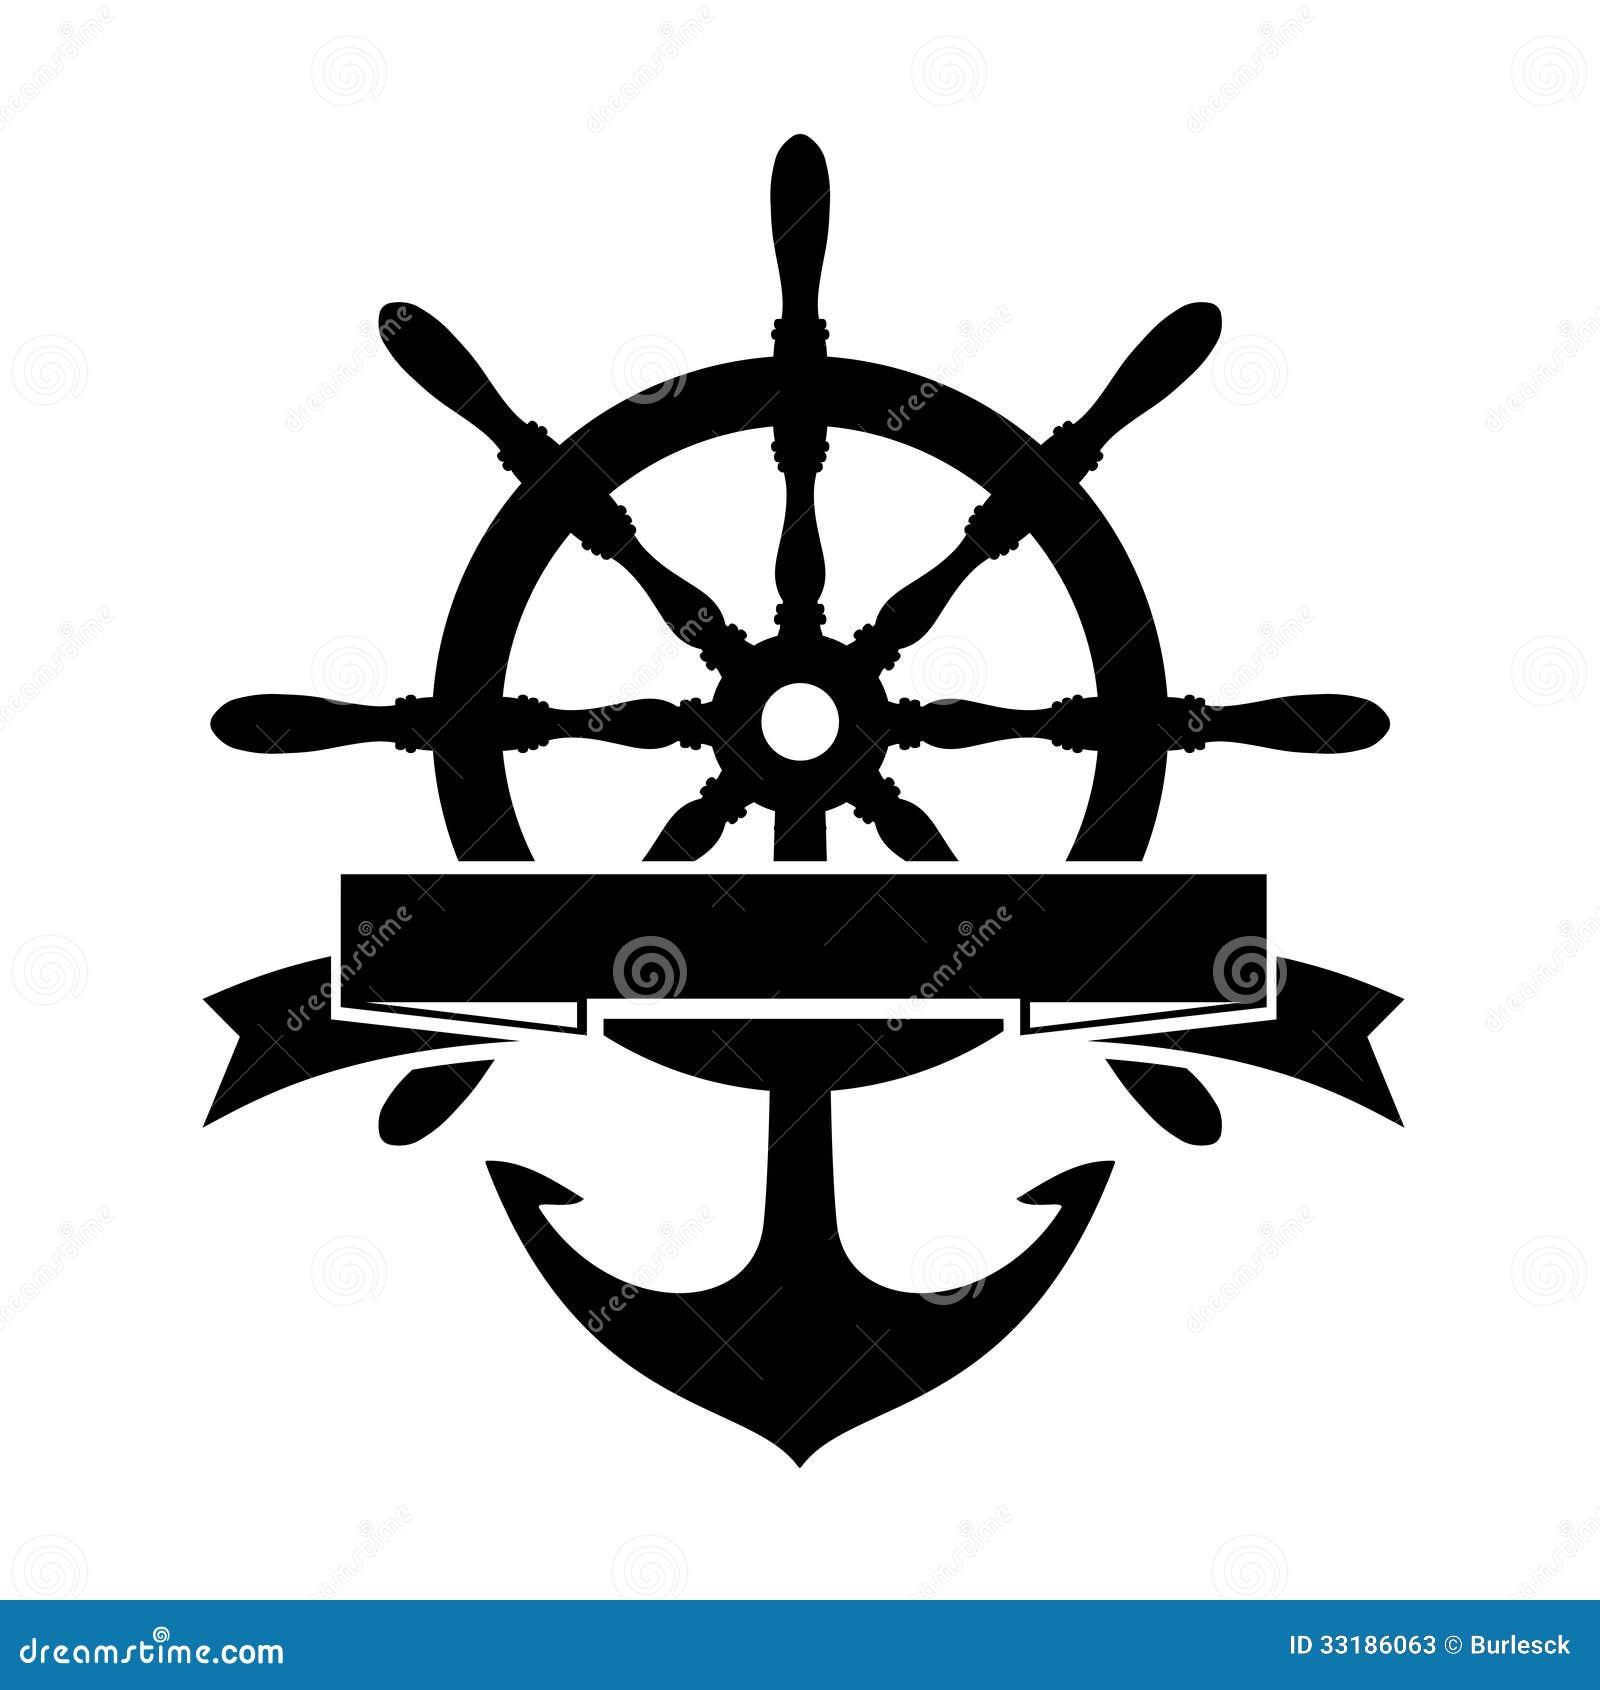 与方向盘和船锚的标签在白色背景.图片